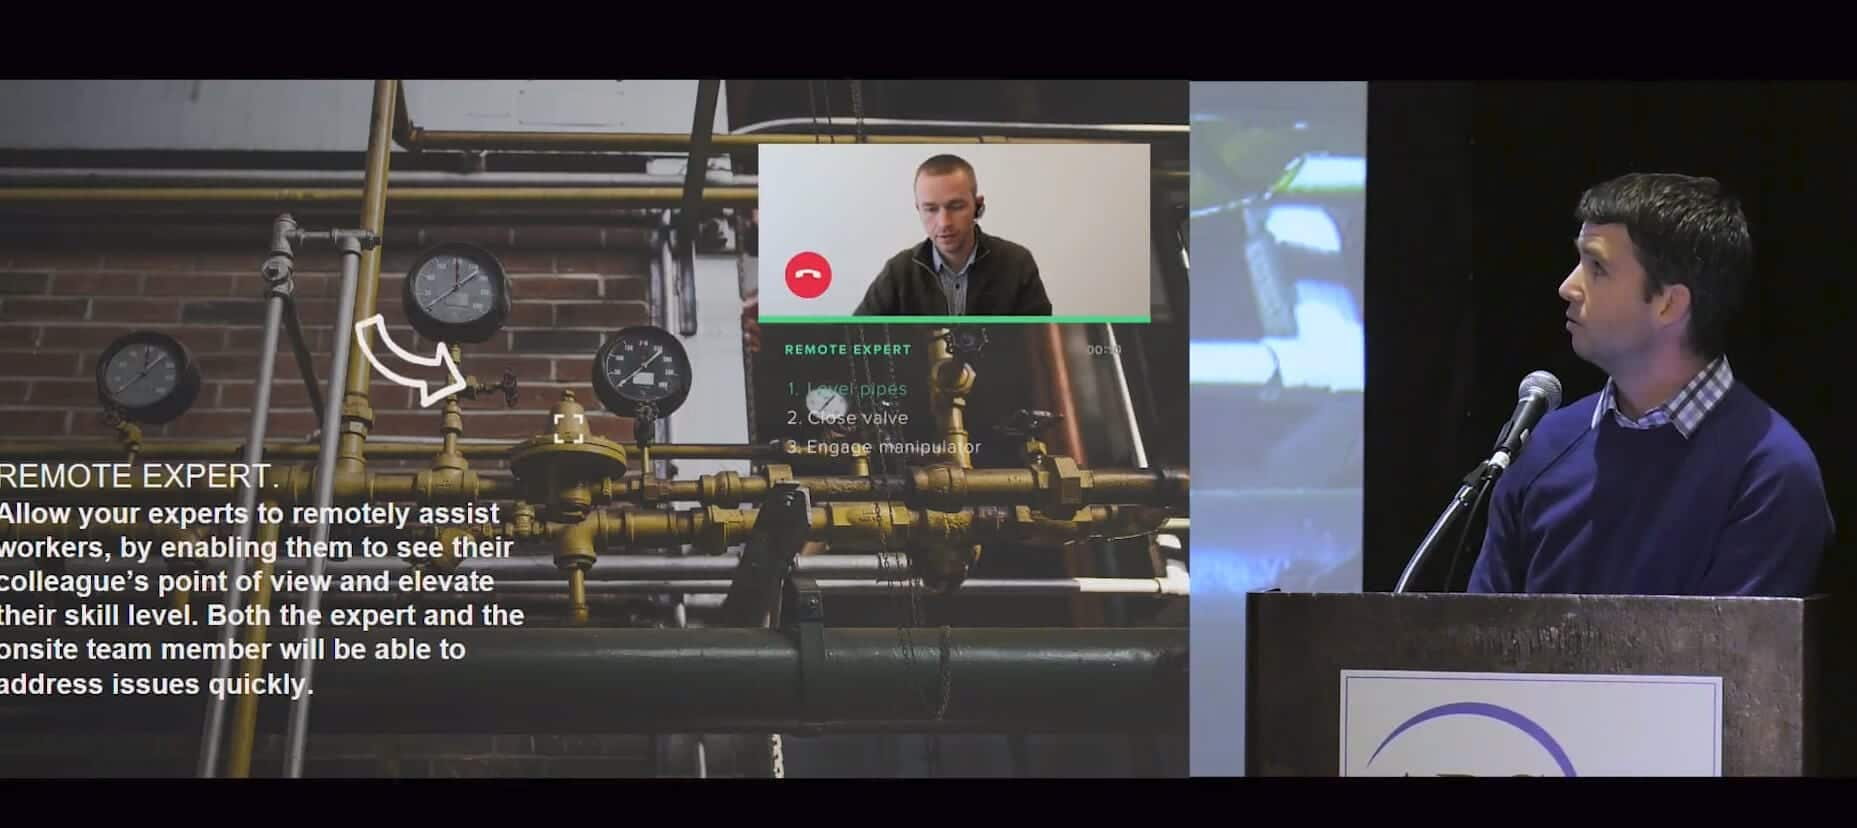 realidad aumentada industria 4.0 asistencia en remoto Daqri